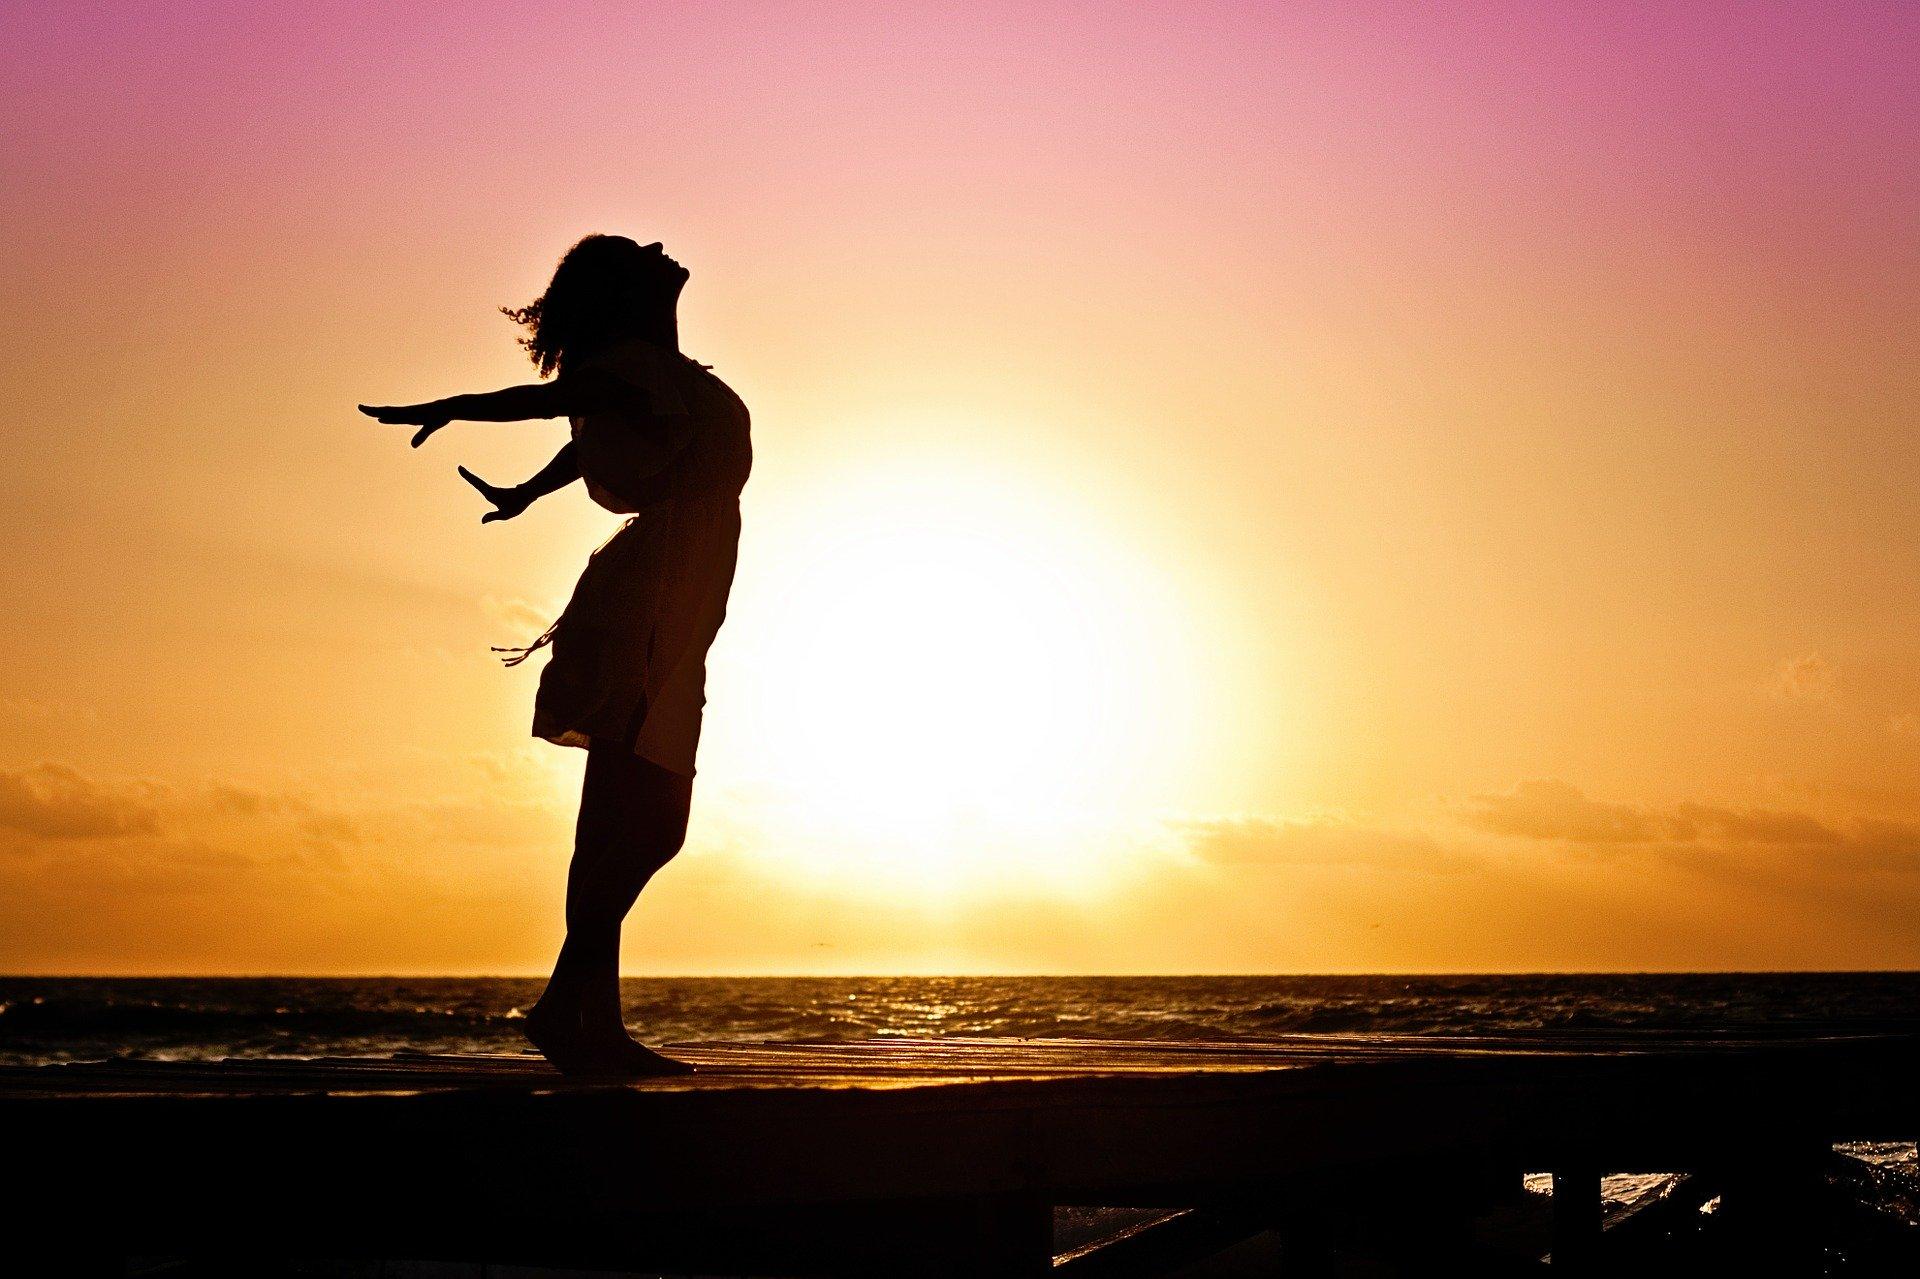 נשמו עמוק: איך כדאי להרגיע ולהירגע בתקופת משבר הקורונה